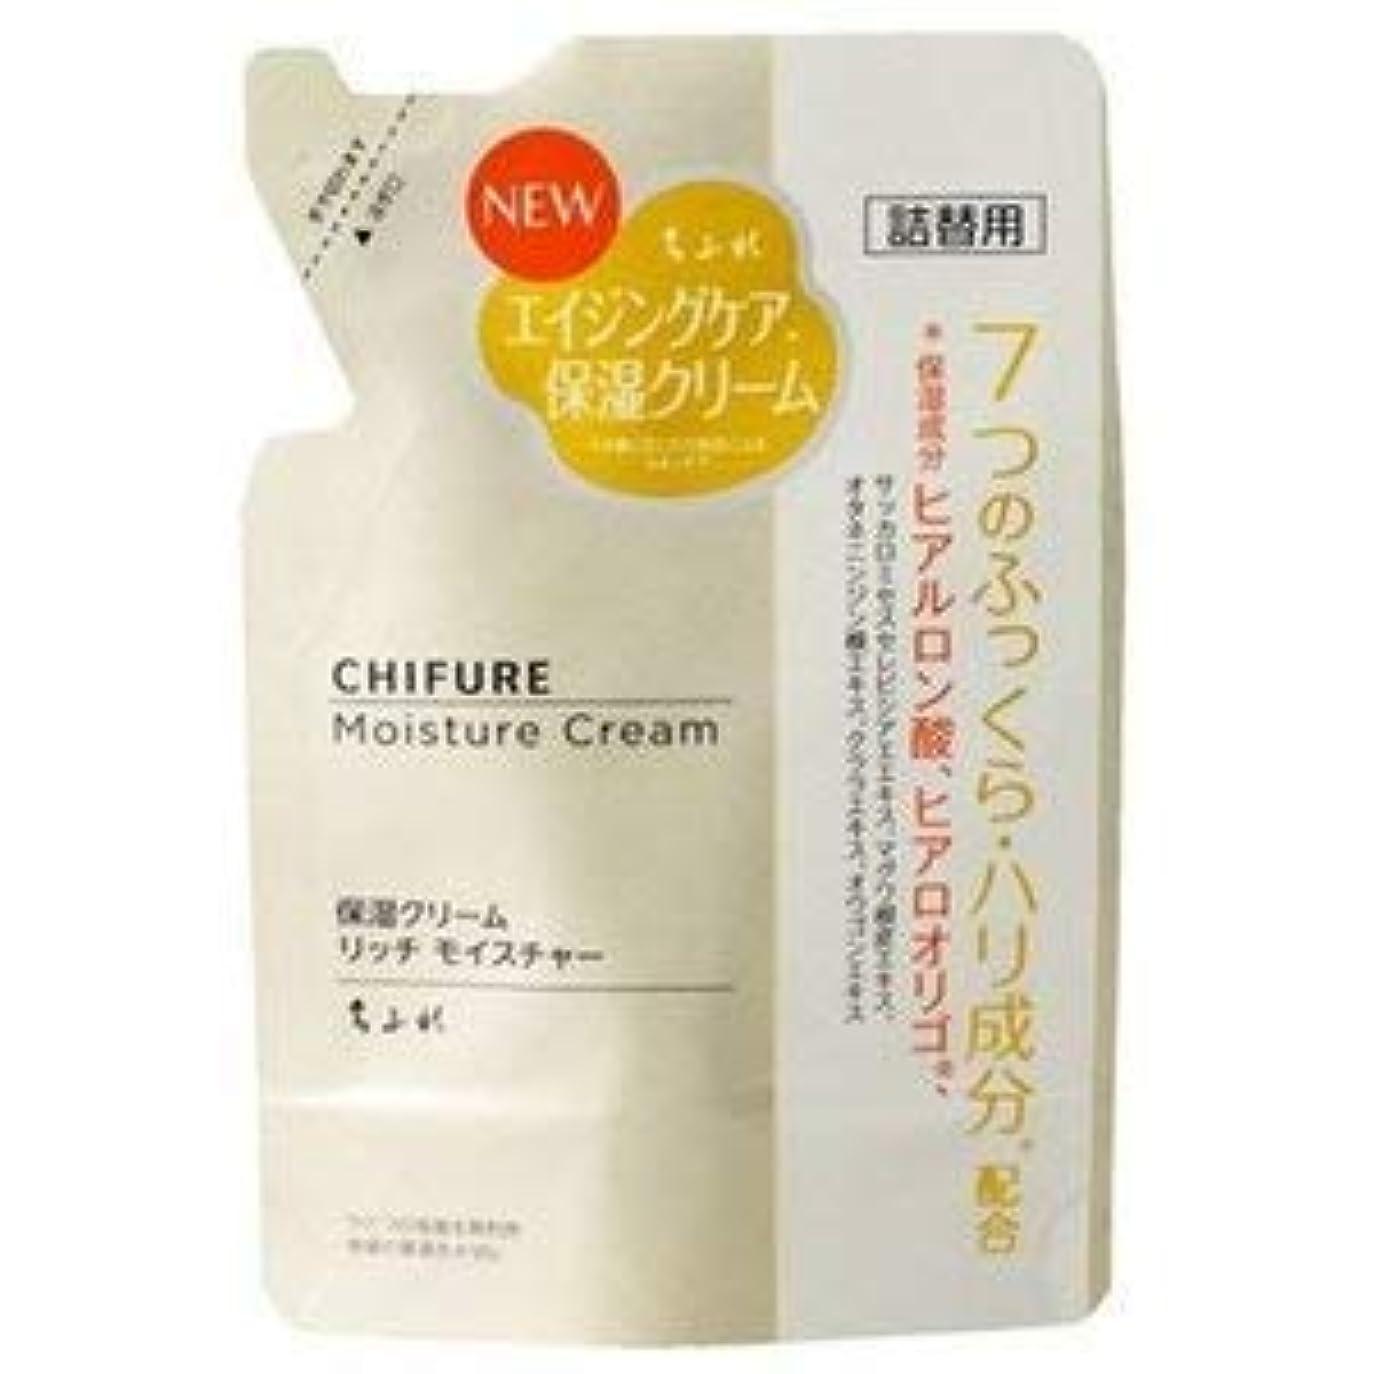 目を覚ます産地留め金ちふれ化粧品 保湿クリーム リッチモイスチャータイプ 54g (詰替)